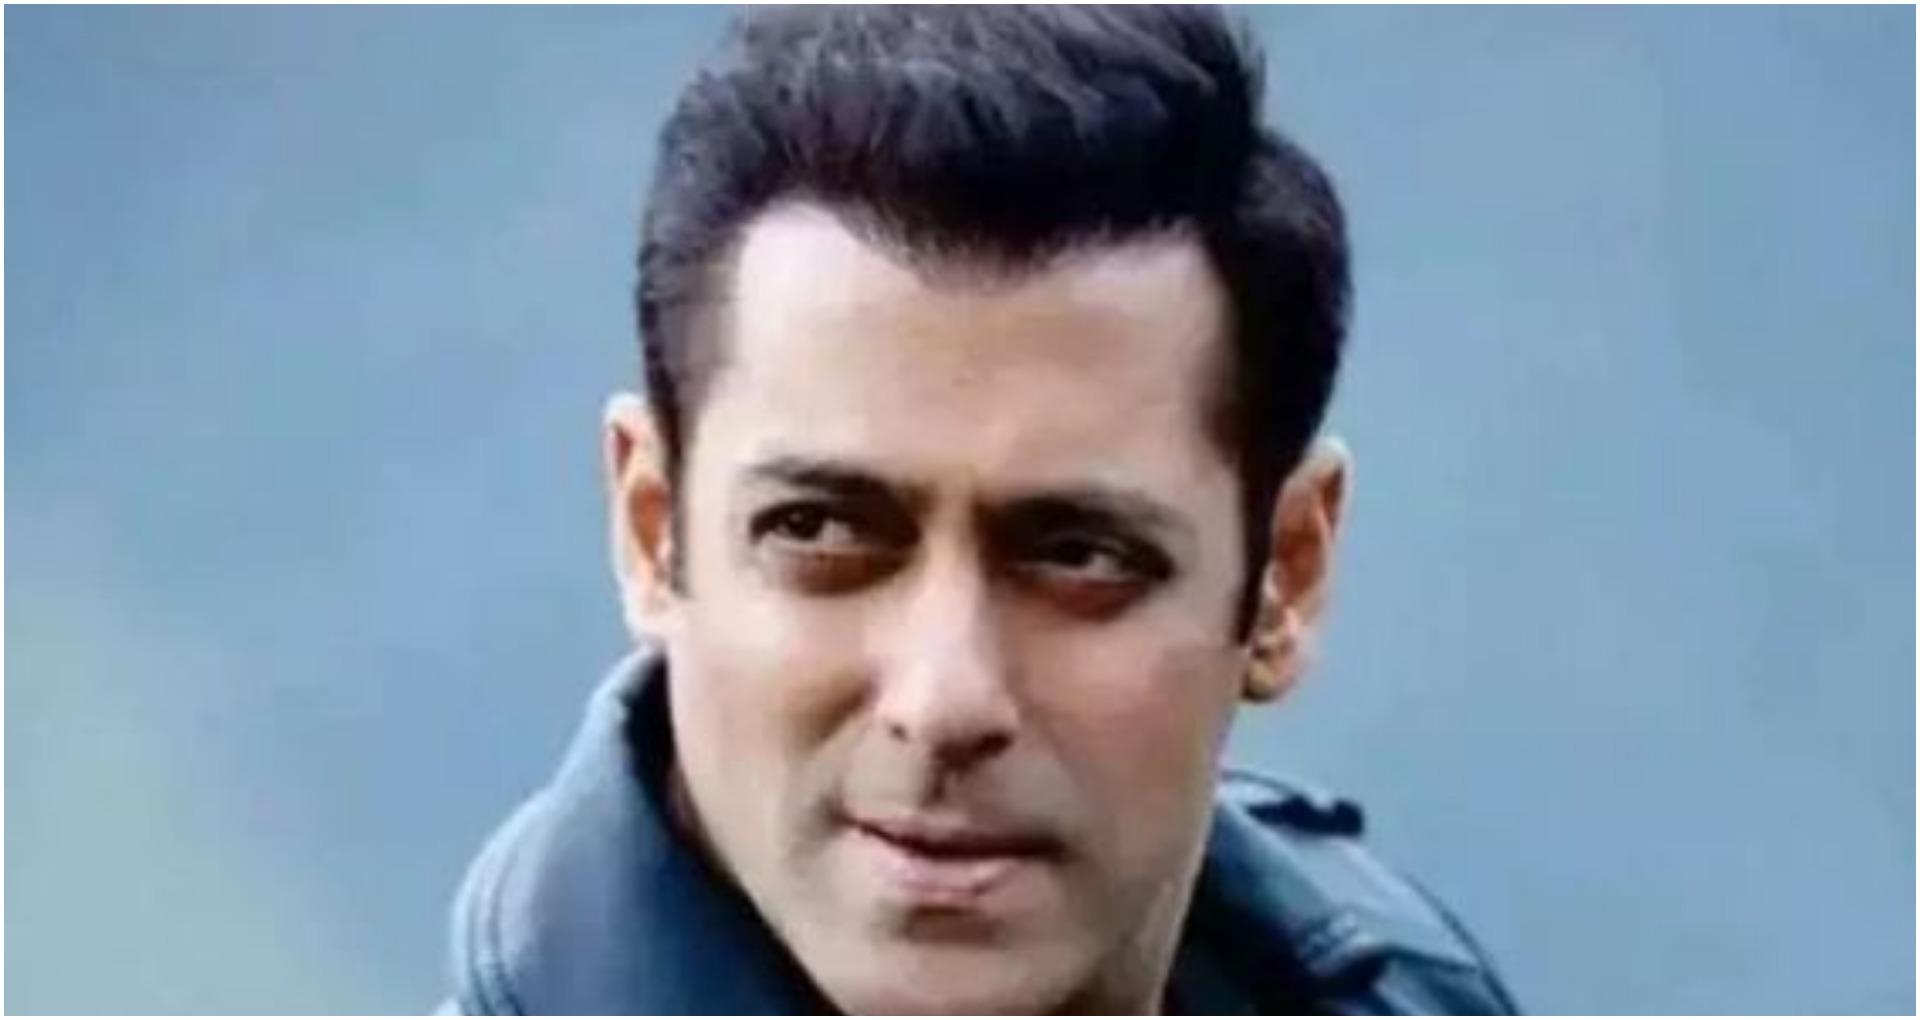 इस 'वैलेंटाइन डे' पर सलमान खान ने बनाया स्पेशल प्लान, 'गर्लफ्रेंड' के साथ ऐसे करेंगे सेलिब्रेट!